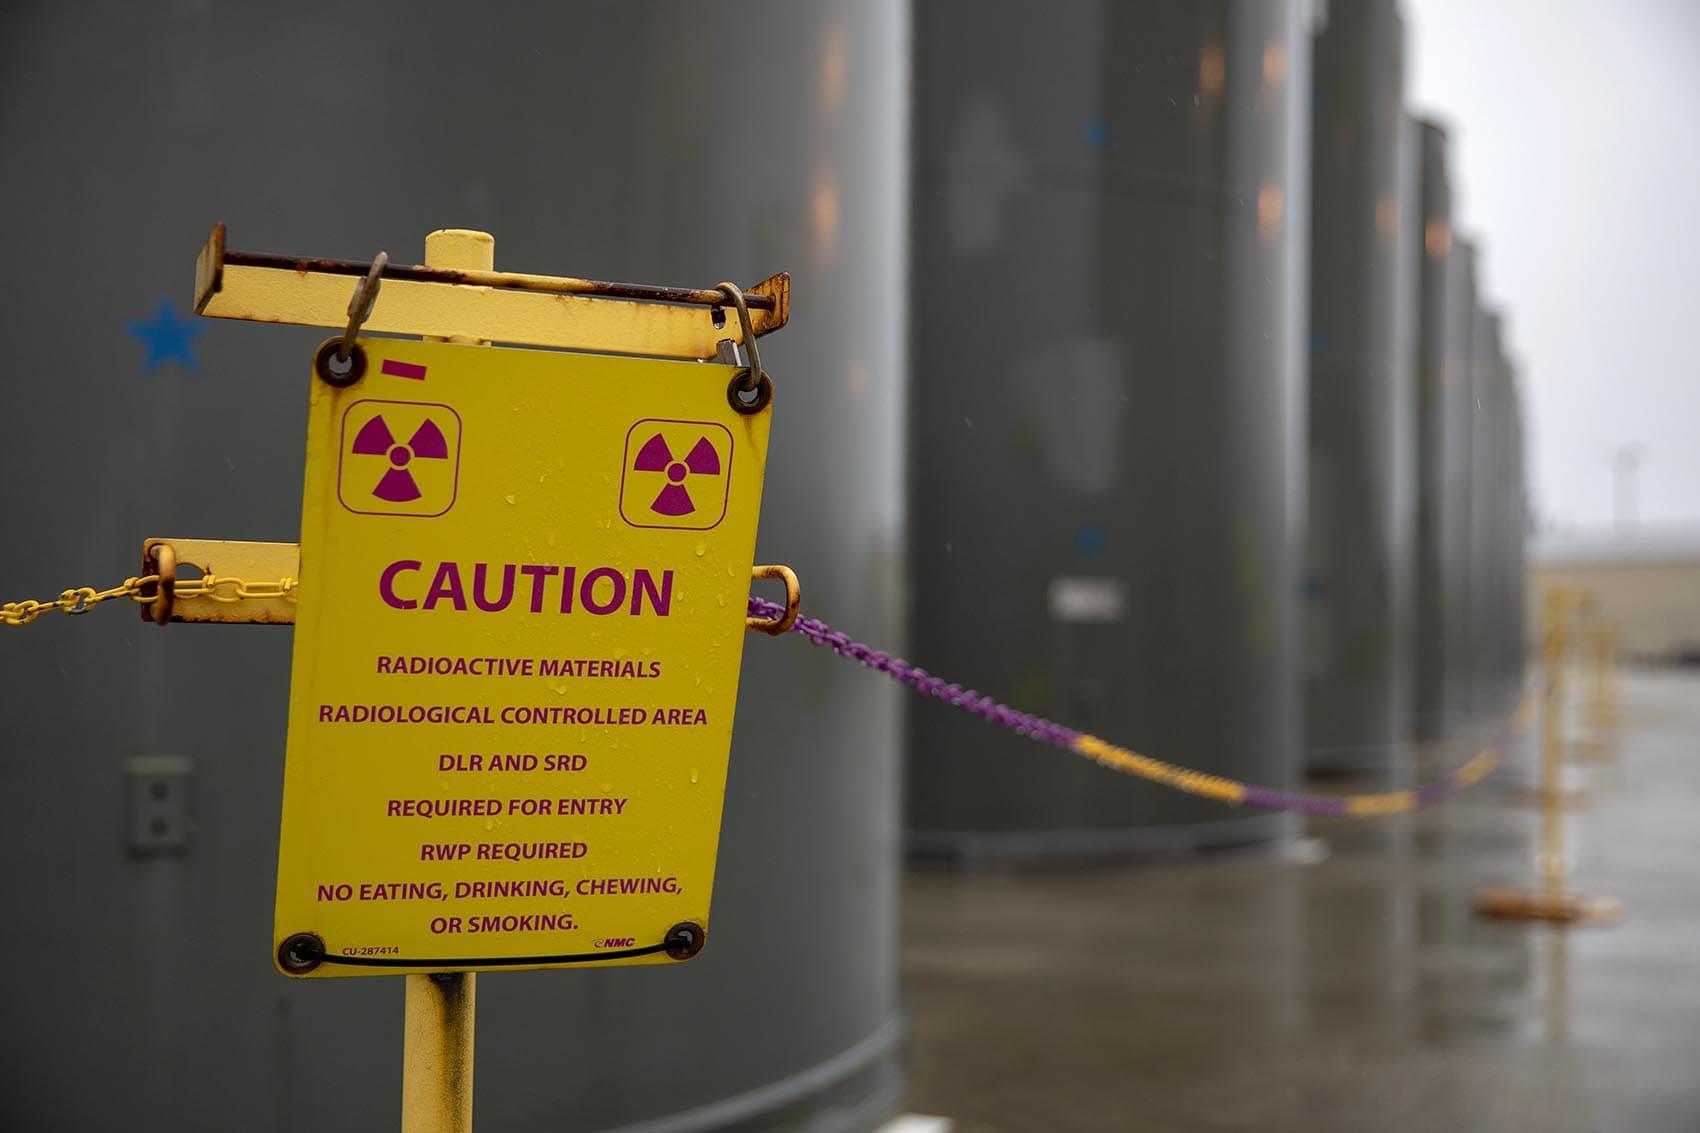 xzone reactor cracked free